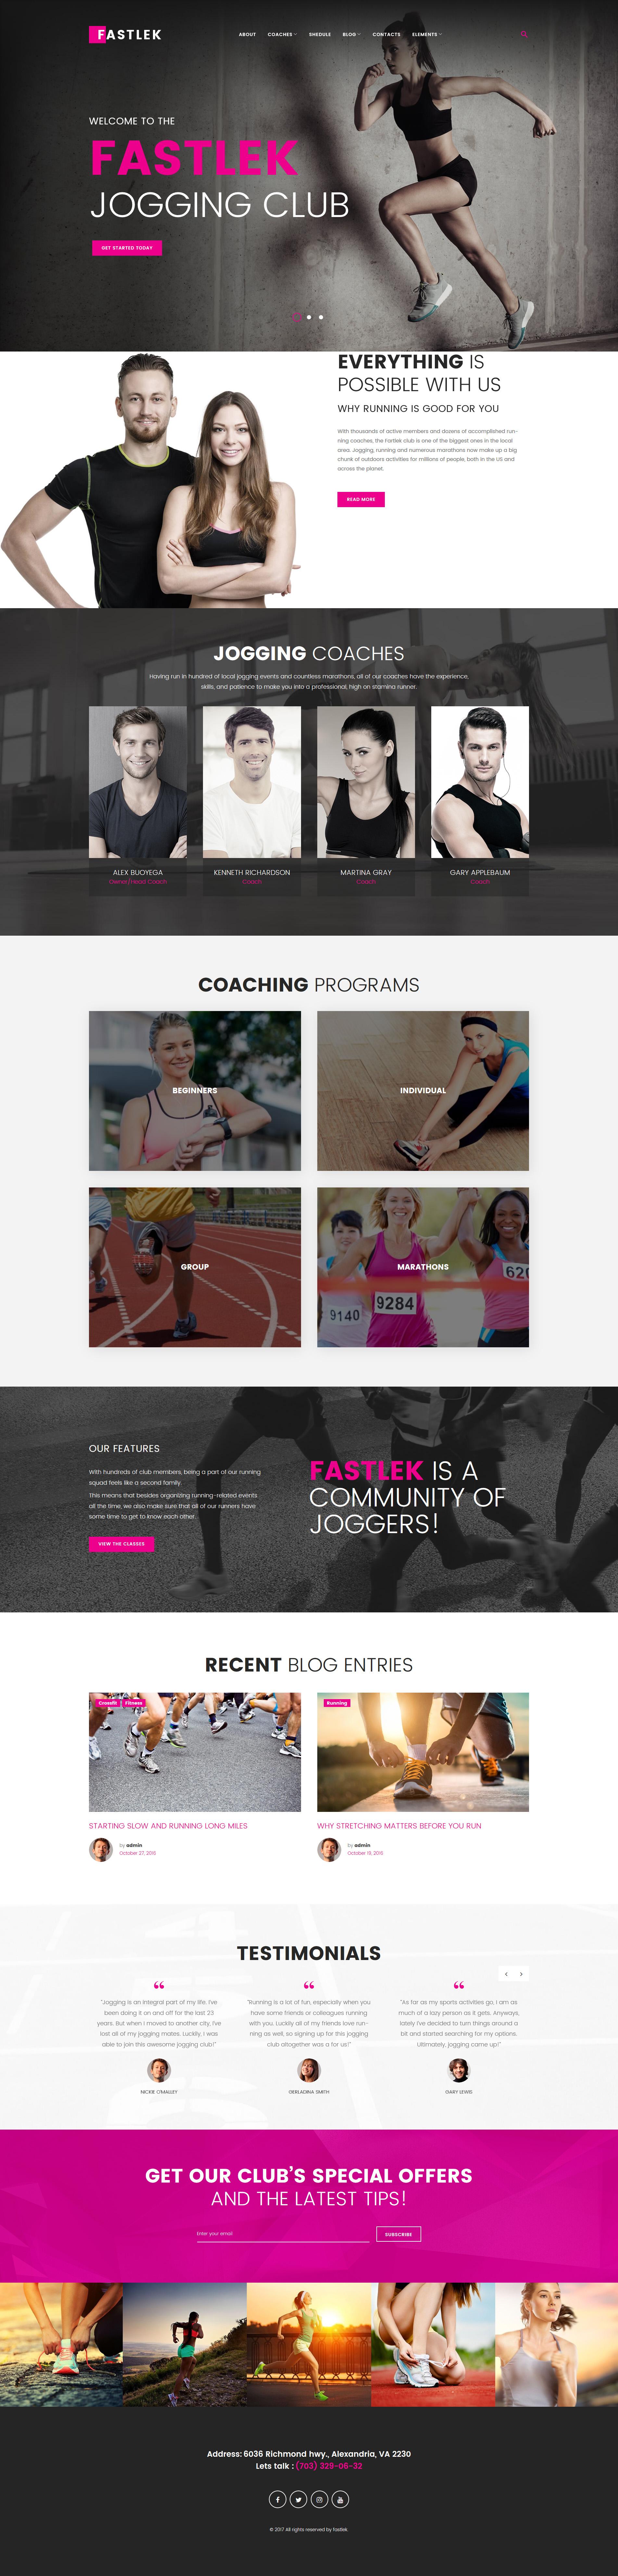 Responsive Fastlek - Running Club & Coaching Wordpress #63582 - Ekran resmi